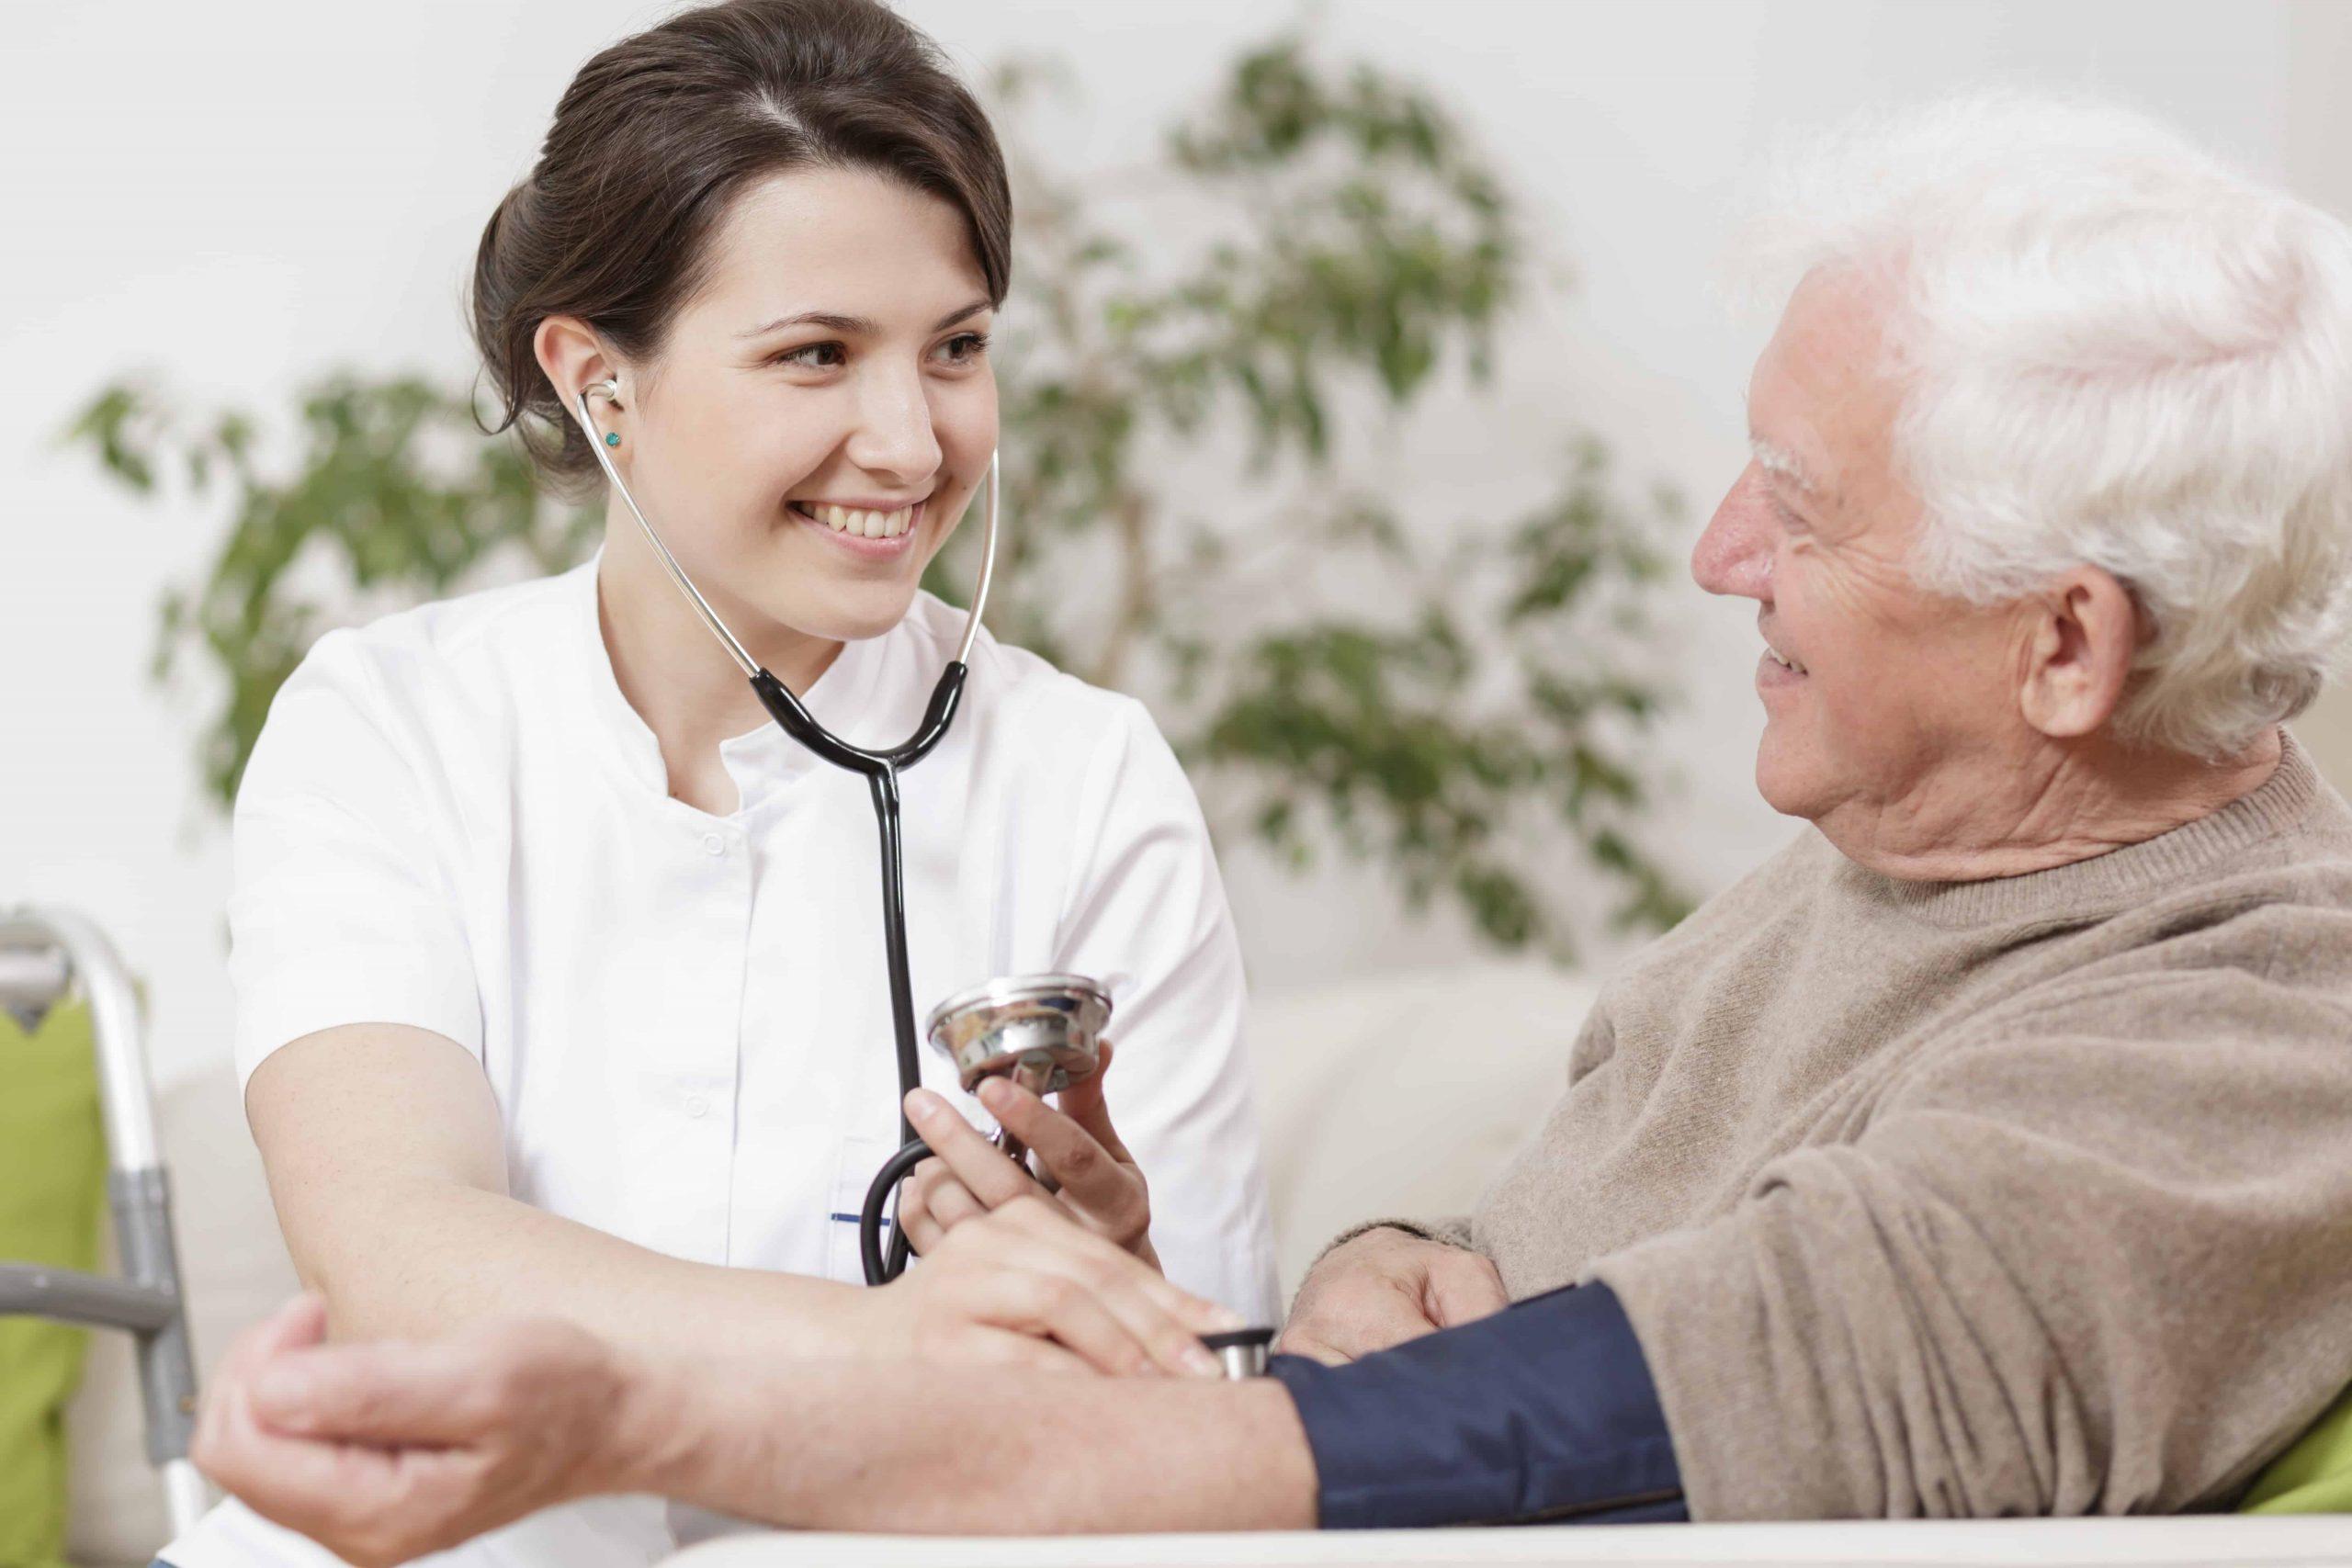 Blutdruck senken: Praktische Tipps gegen Bluthochdruck